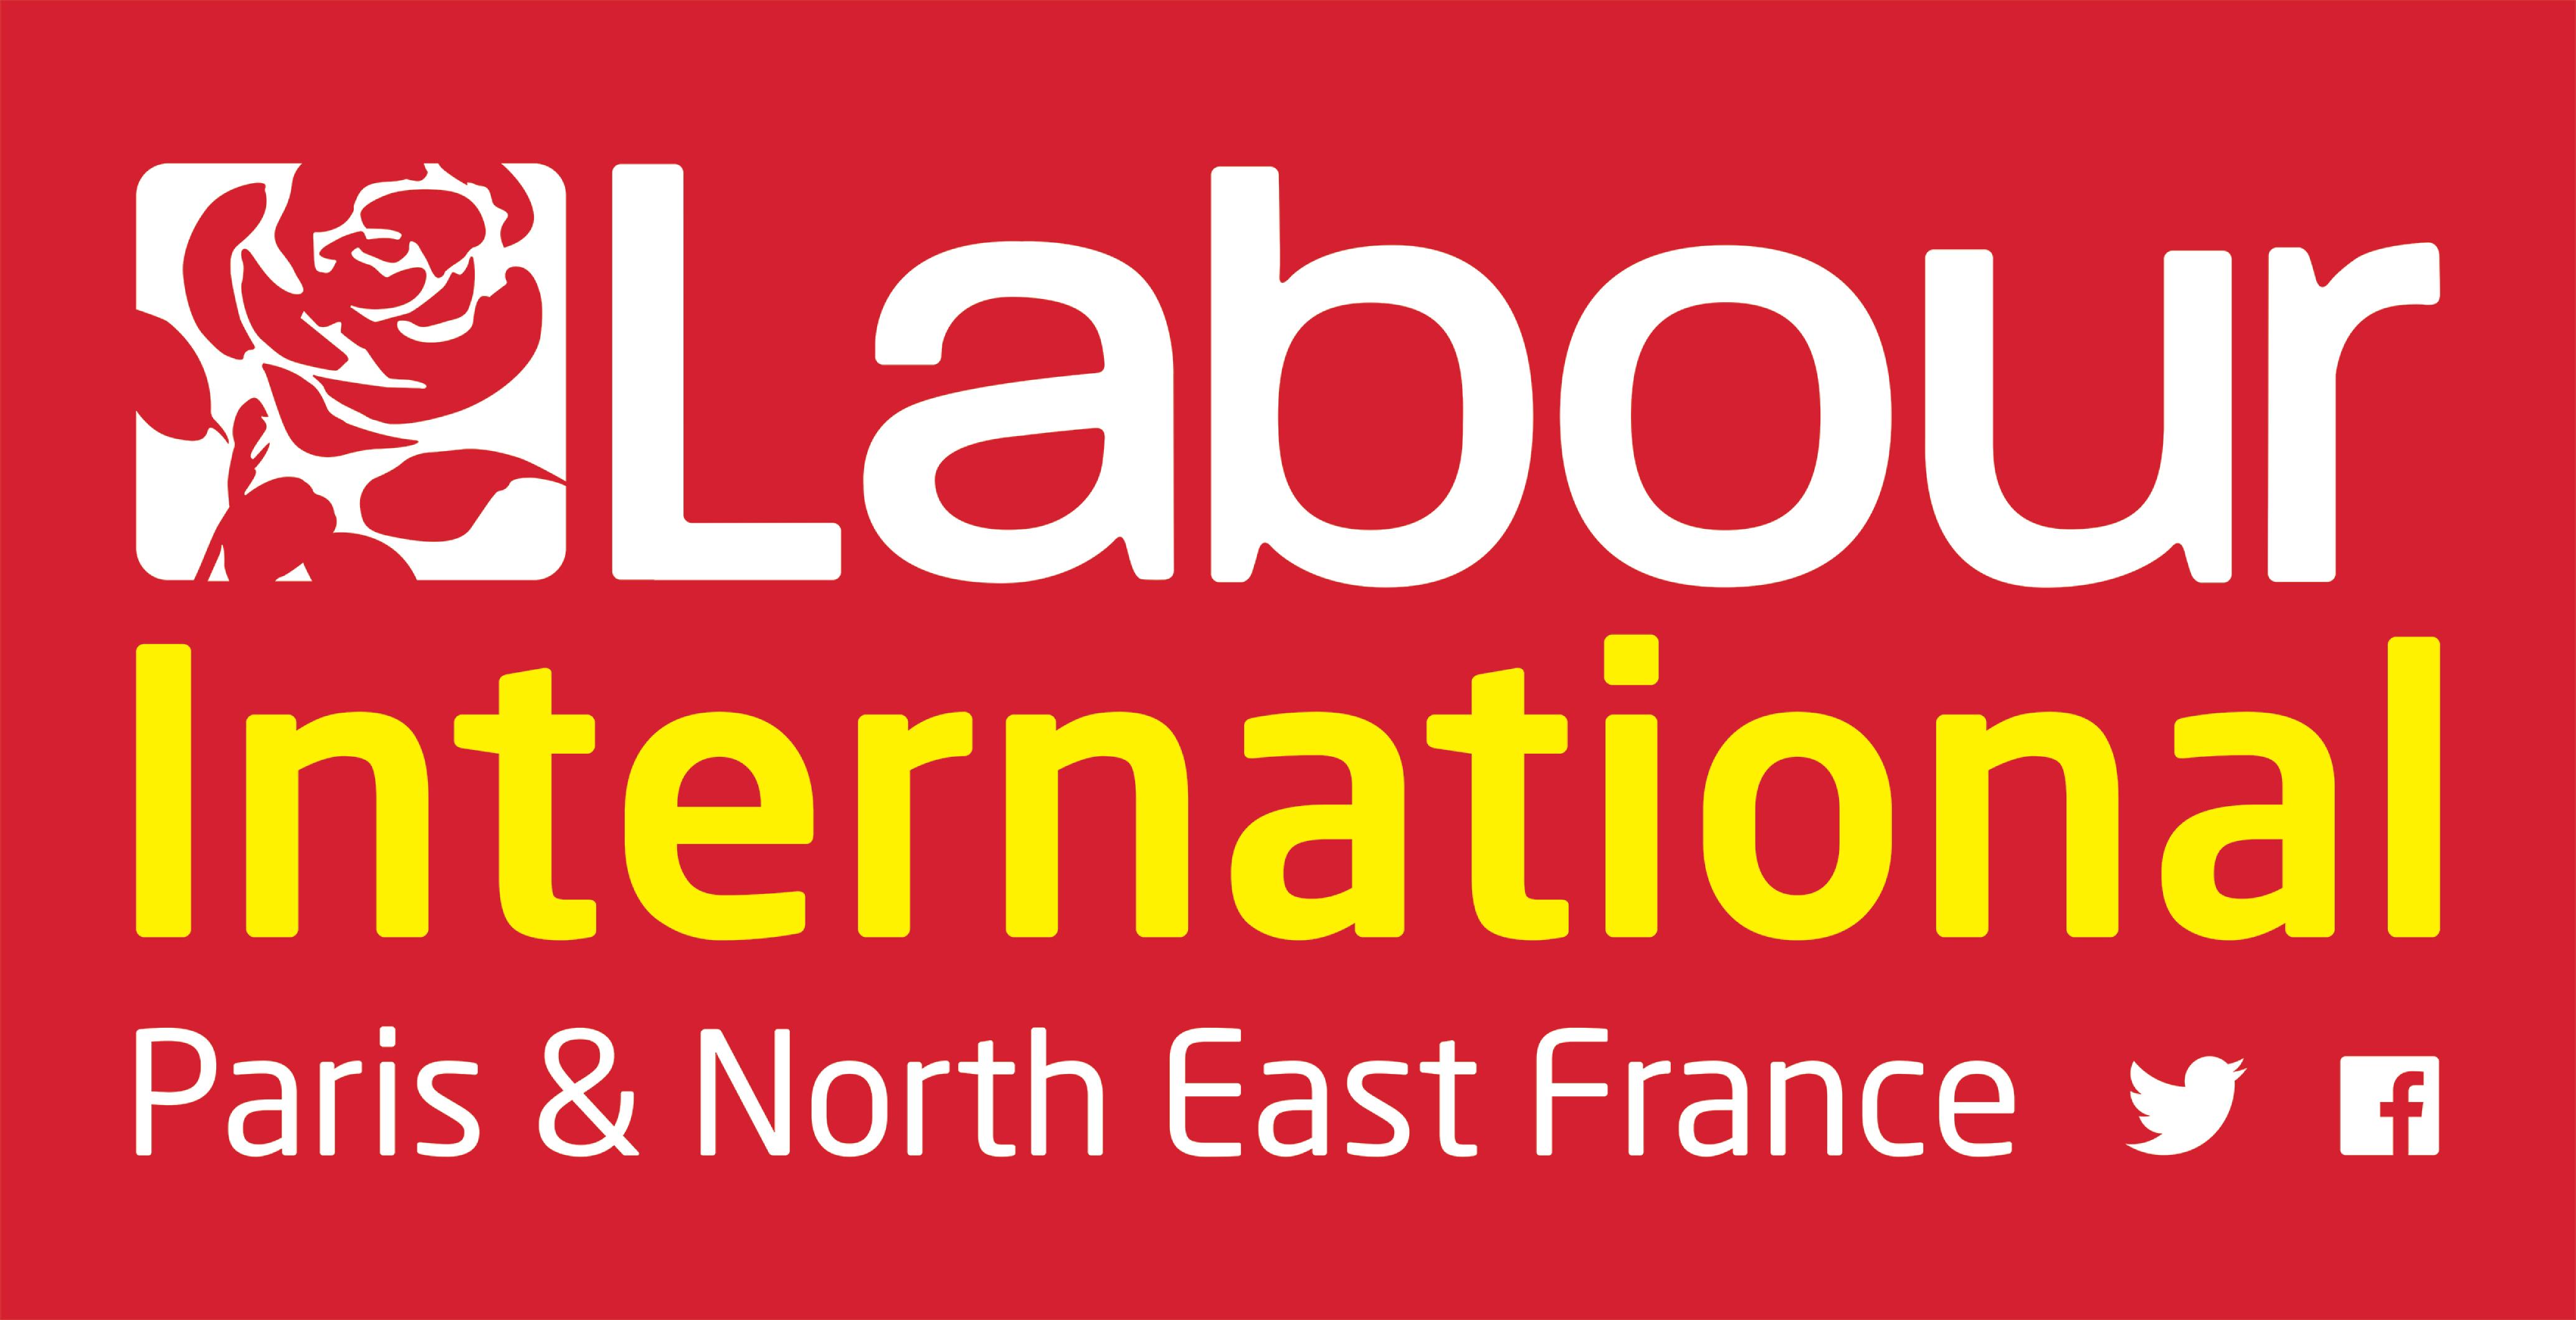 LABOUR INTERNATIONAL PARIS & NORTH EAST FRANCE